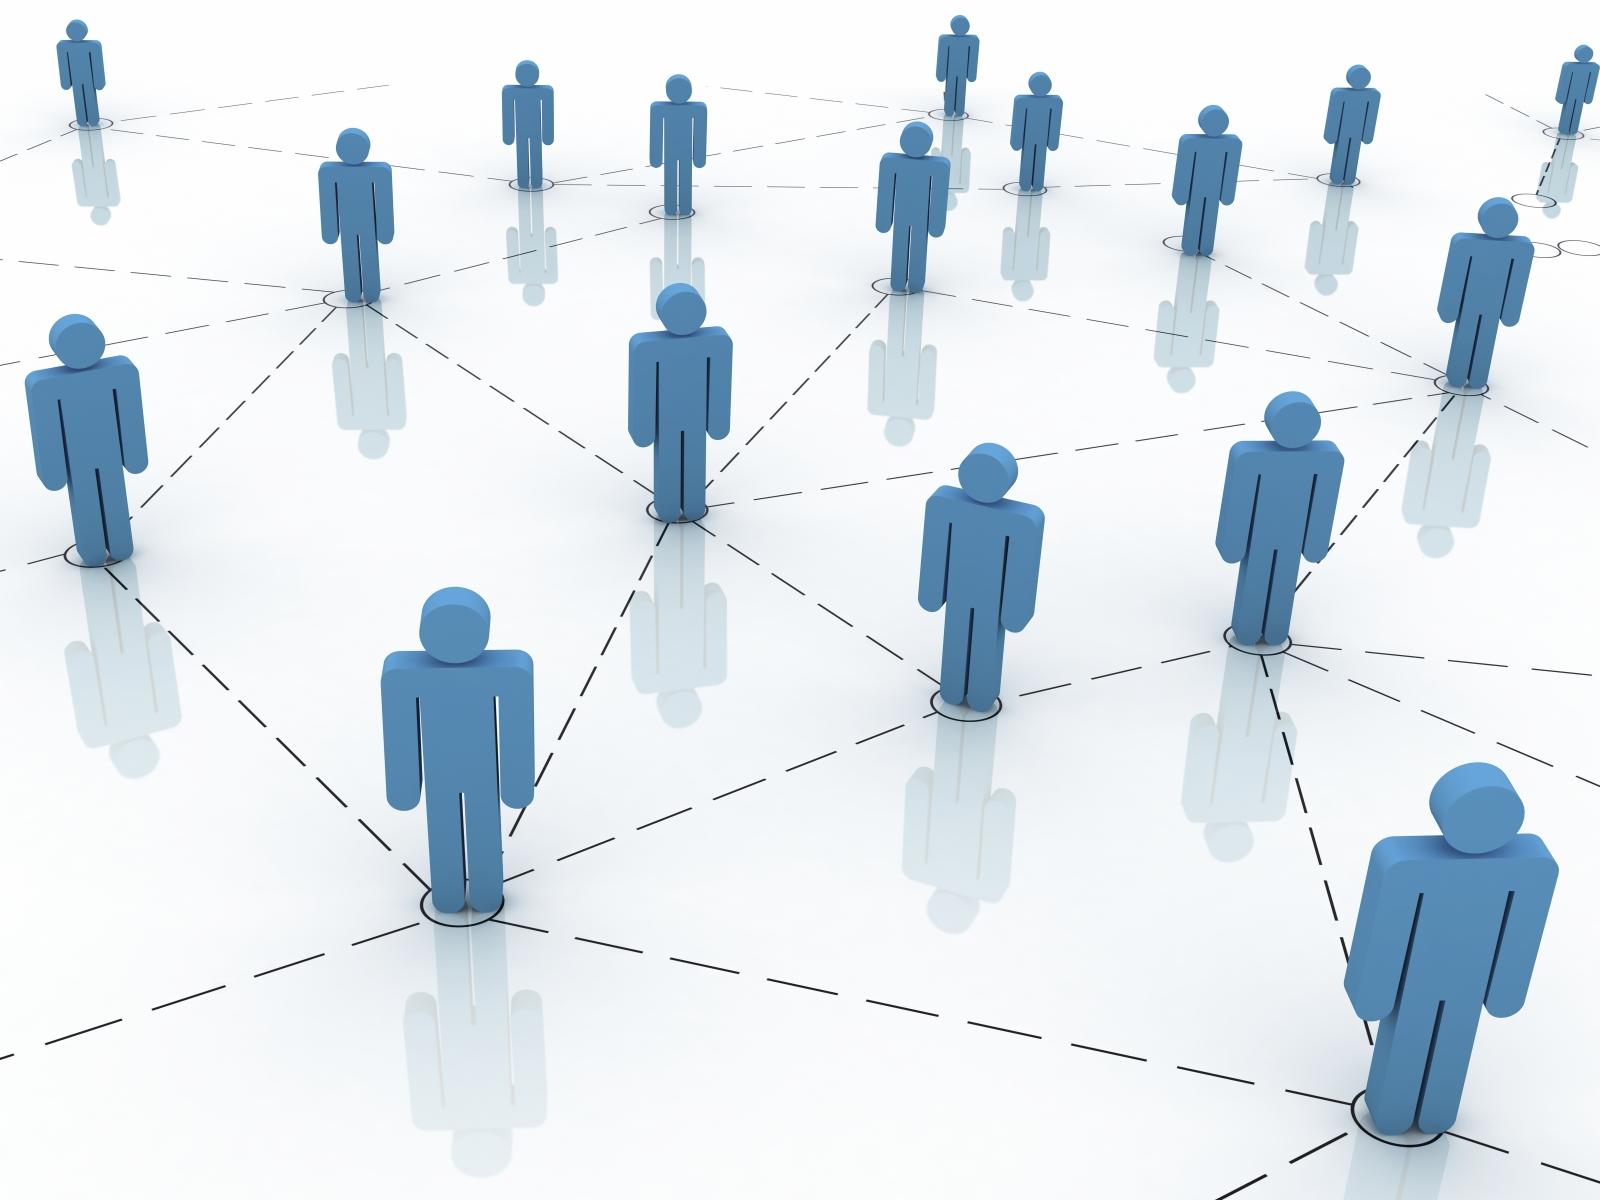 La rete sta uccidendo le reti (e la partecipazione)